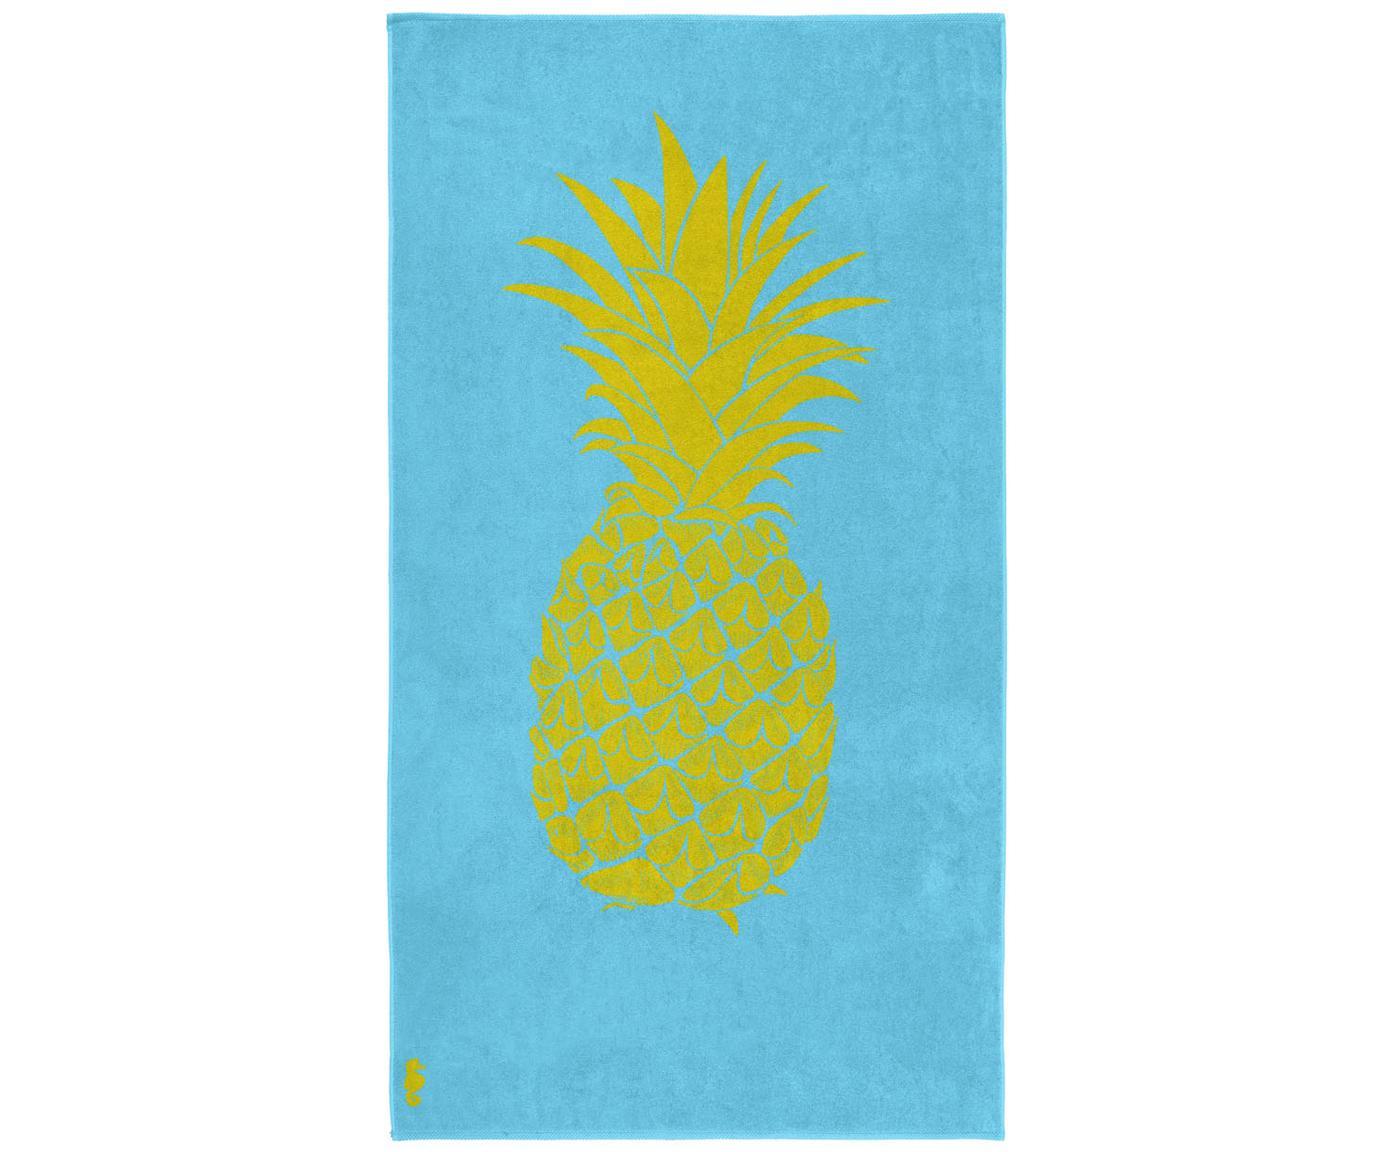 Telo mare Ananas, 100% Velour (cotone) Qualità del tessuto di peso medio, 420g/m², Azzurro, giallo, Larg. 100 x Lung. 180 cm